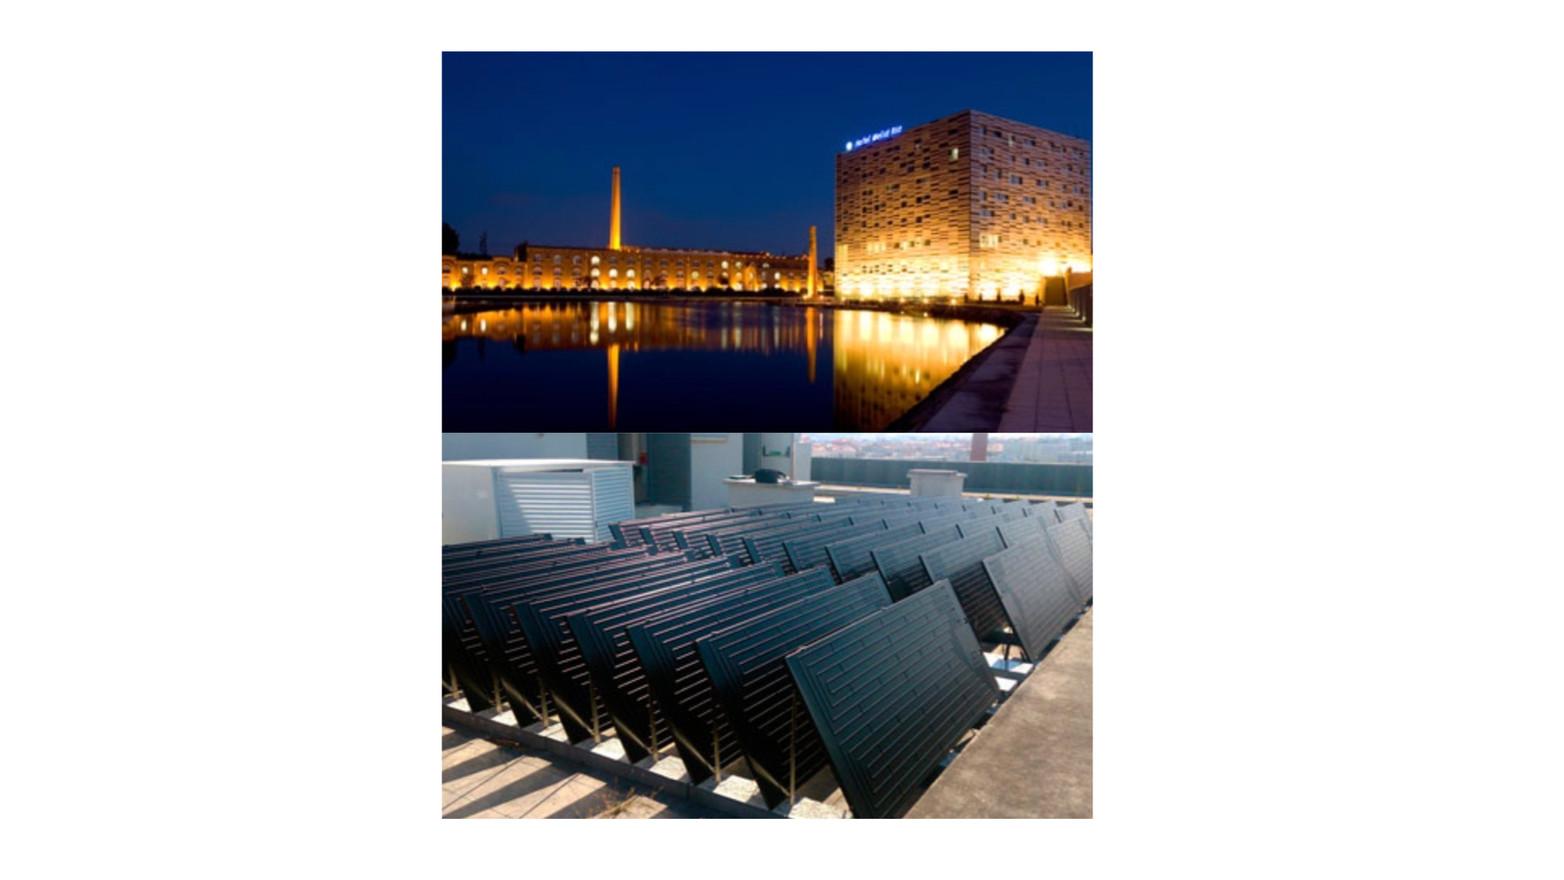 Energie SHW: Hotel (12,000 ltr / 3,150 gal)